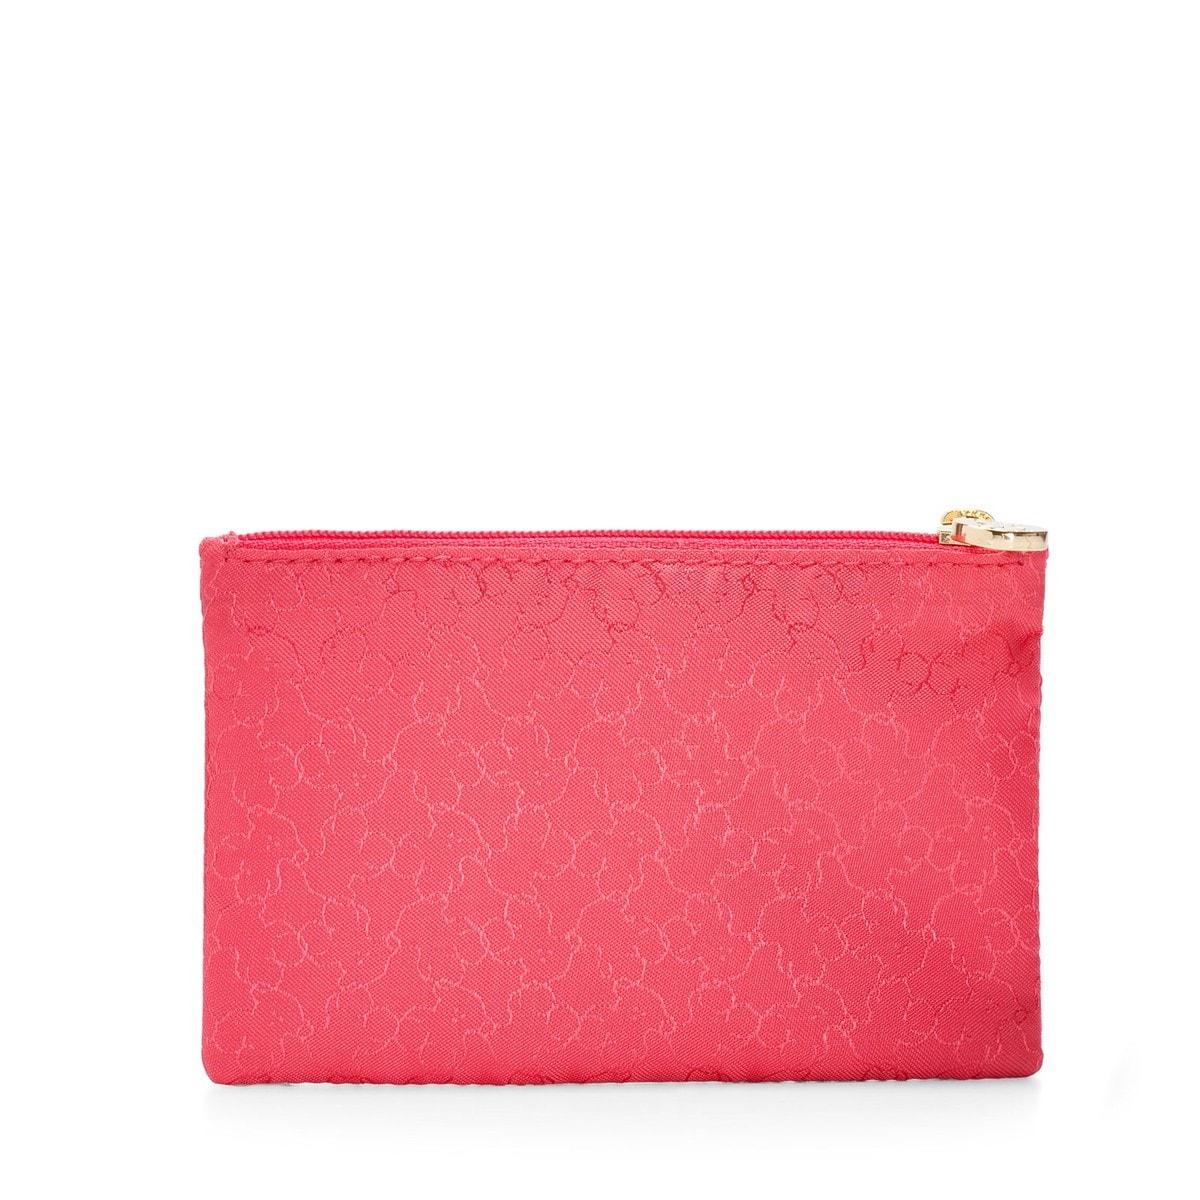 Neceser pequeño Clasica de Nylon en color rojo